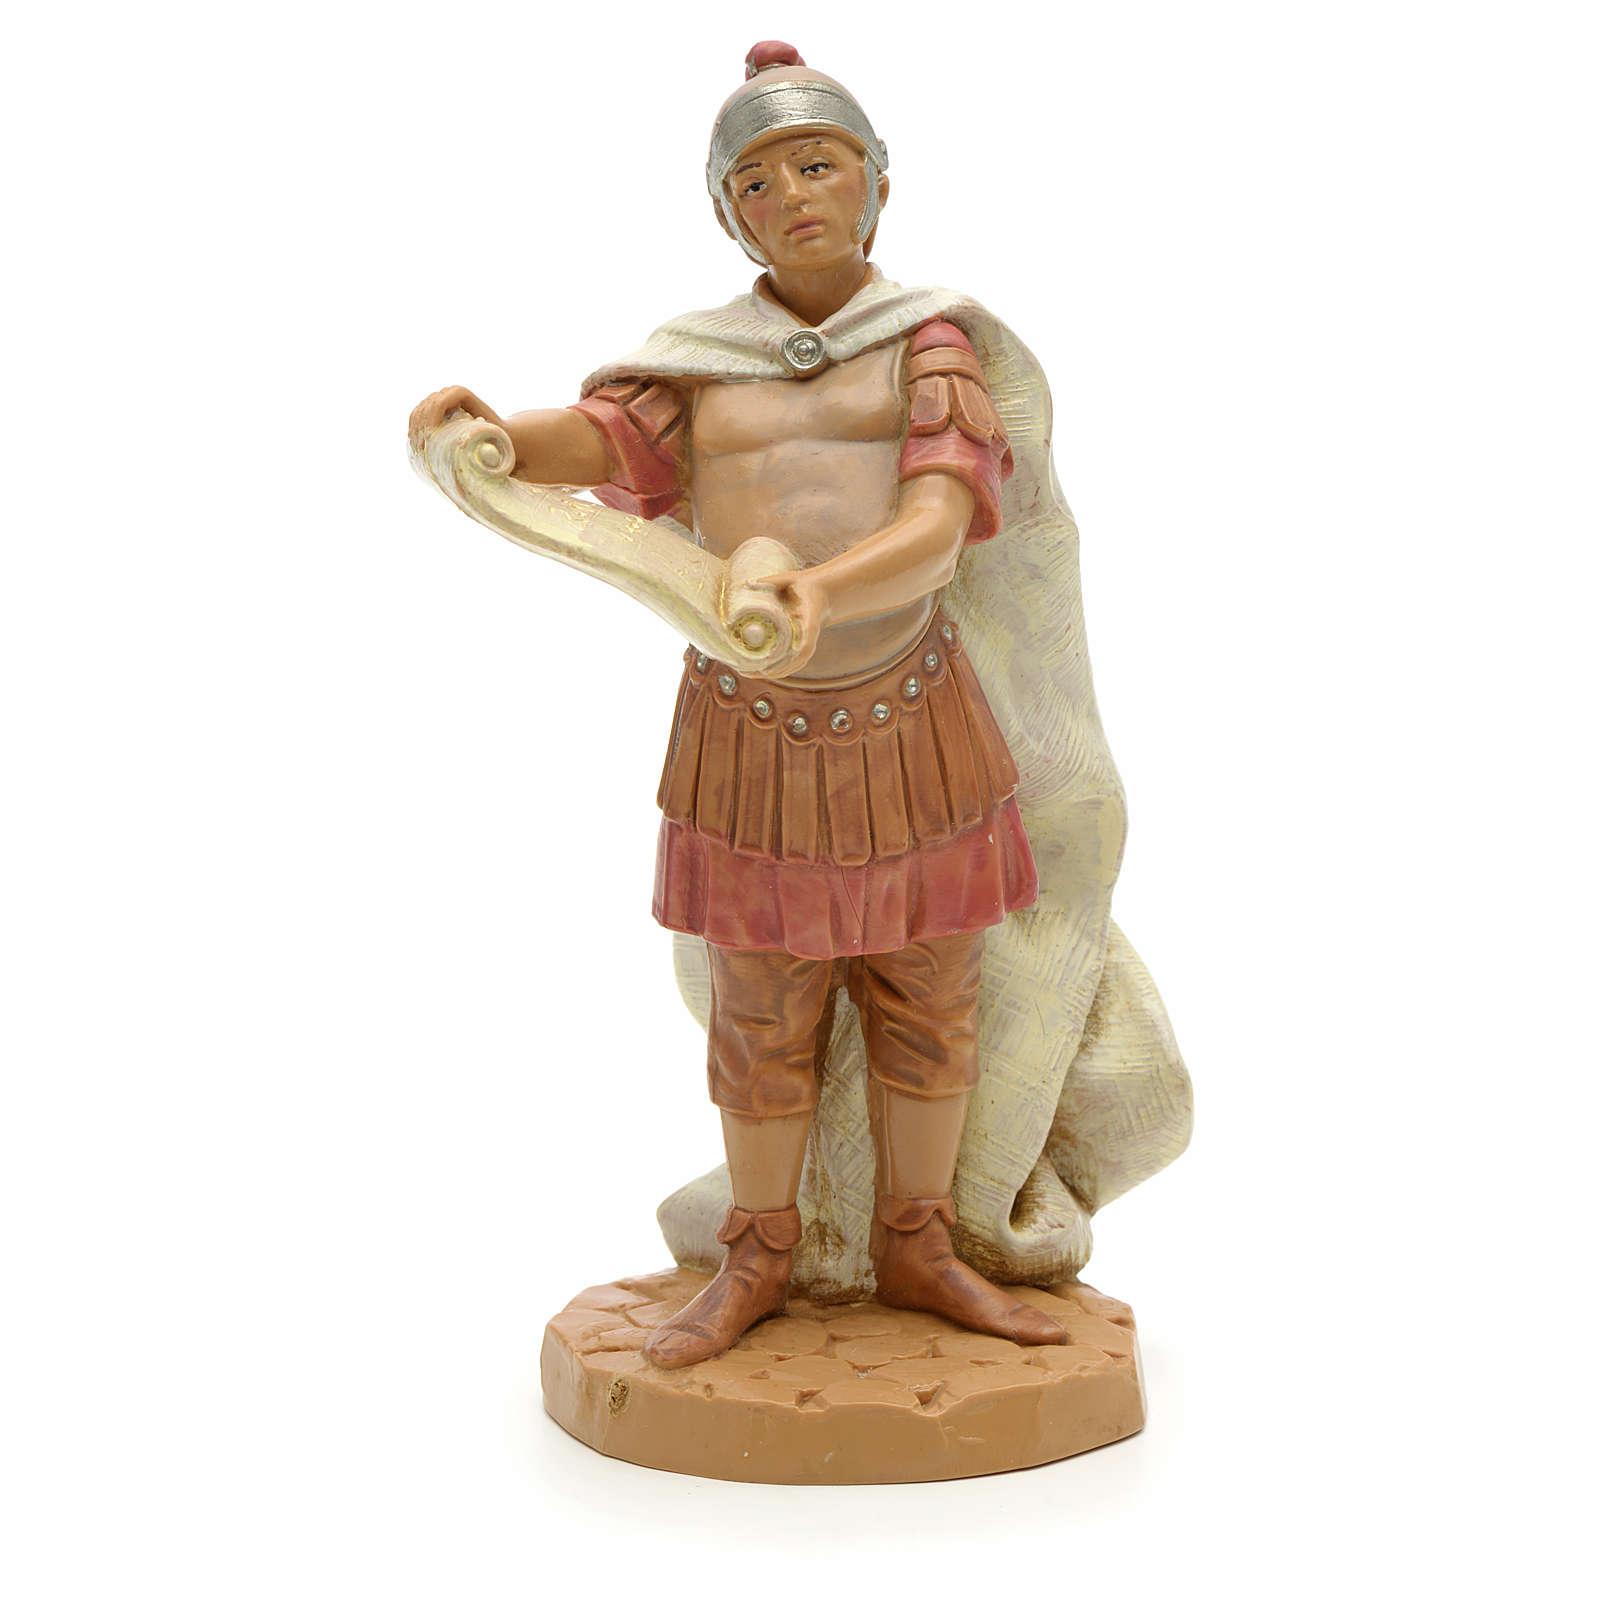 Soldato romano con pergamena 12 cm Fontanini 4